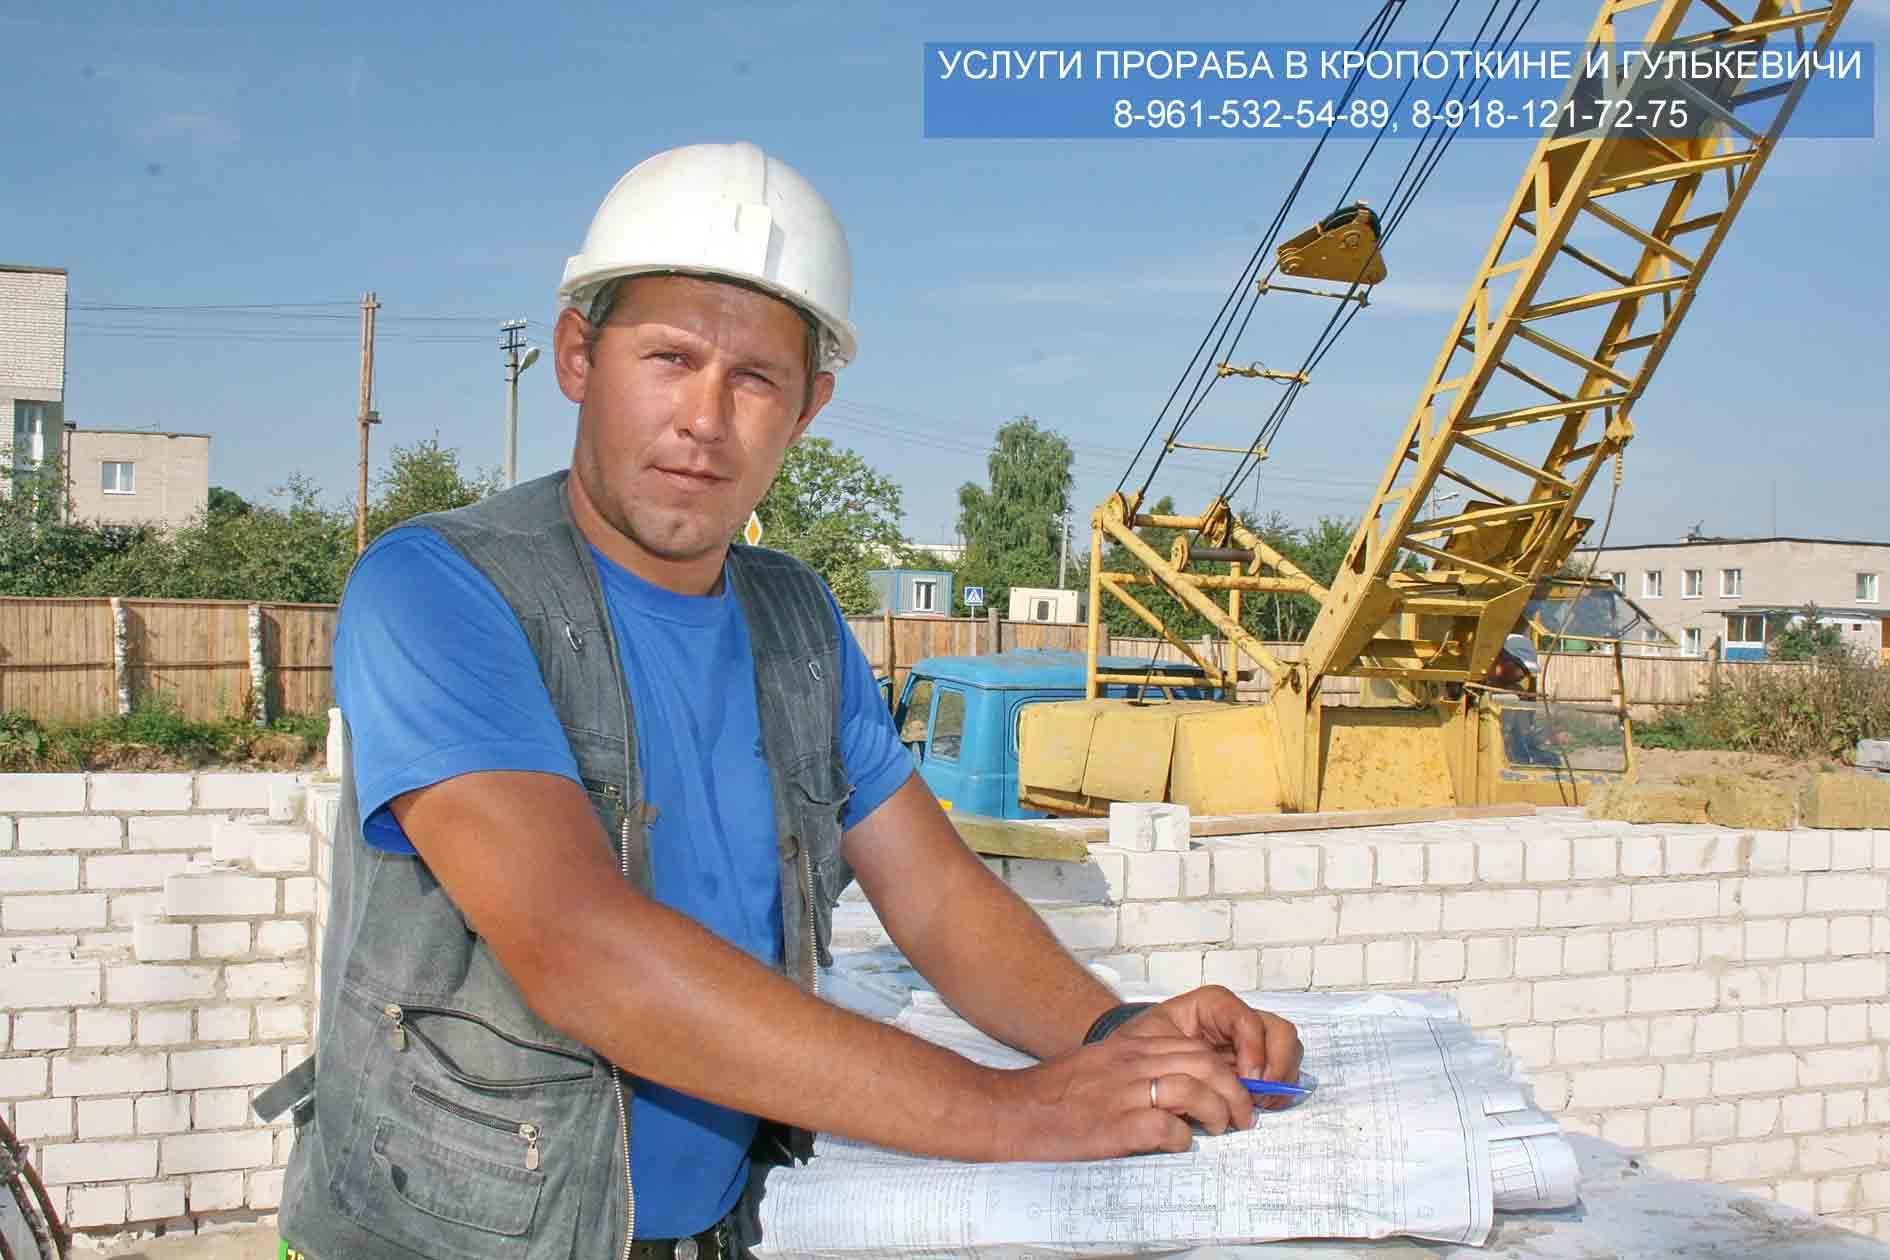 Бригада Мастеров предлагает услуги профессионального прораба в Гулькевичи и Кропоткине